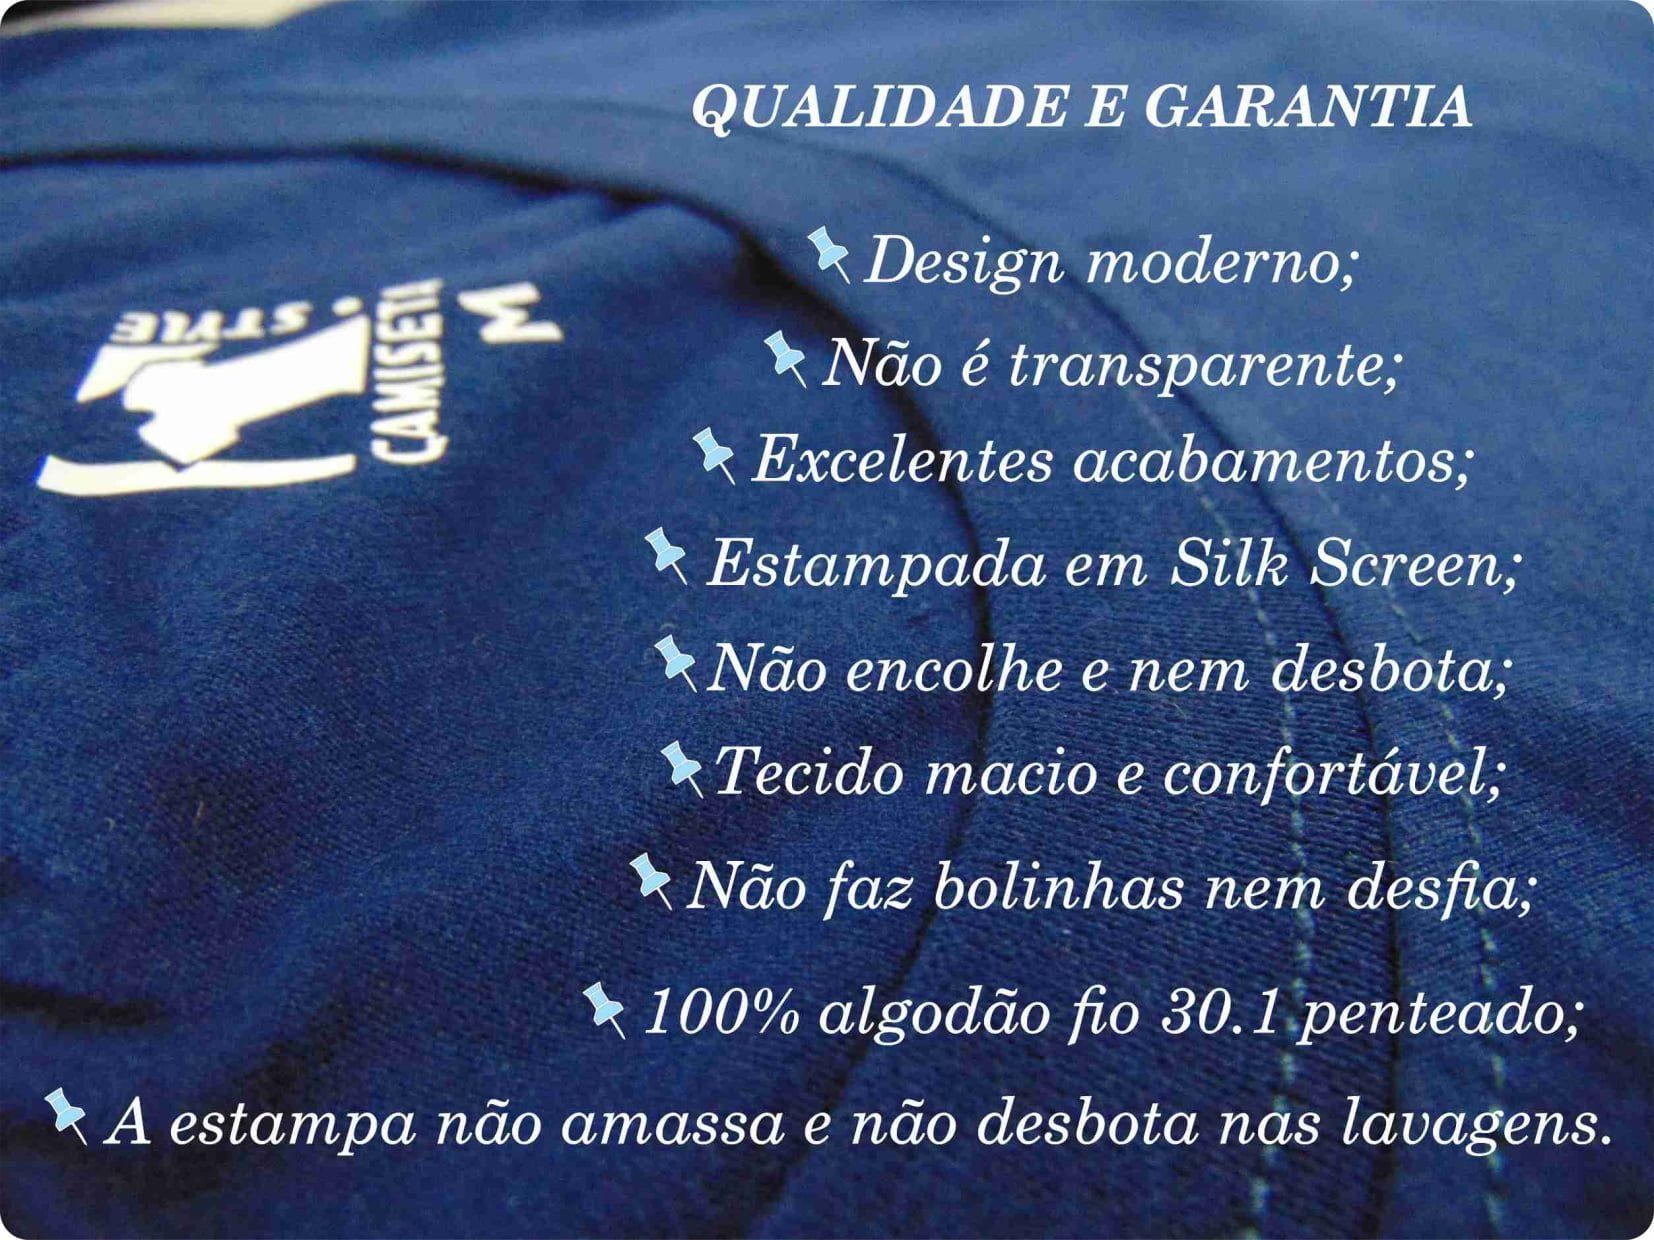 Kit Camiseta Café Namorados - Qualidade e garantia